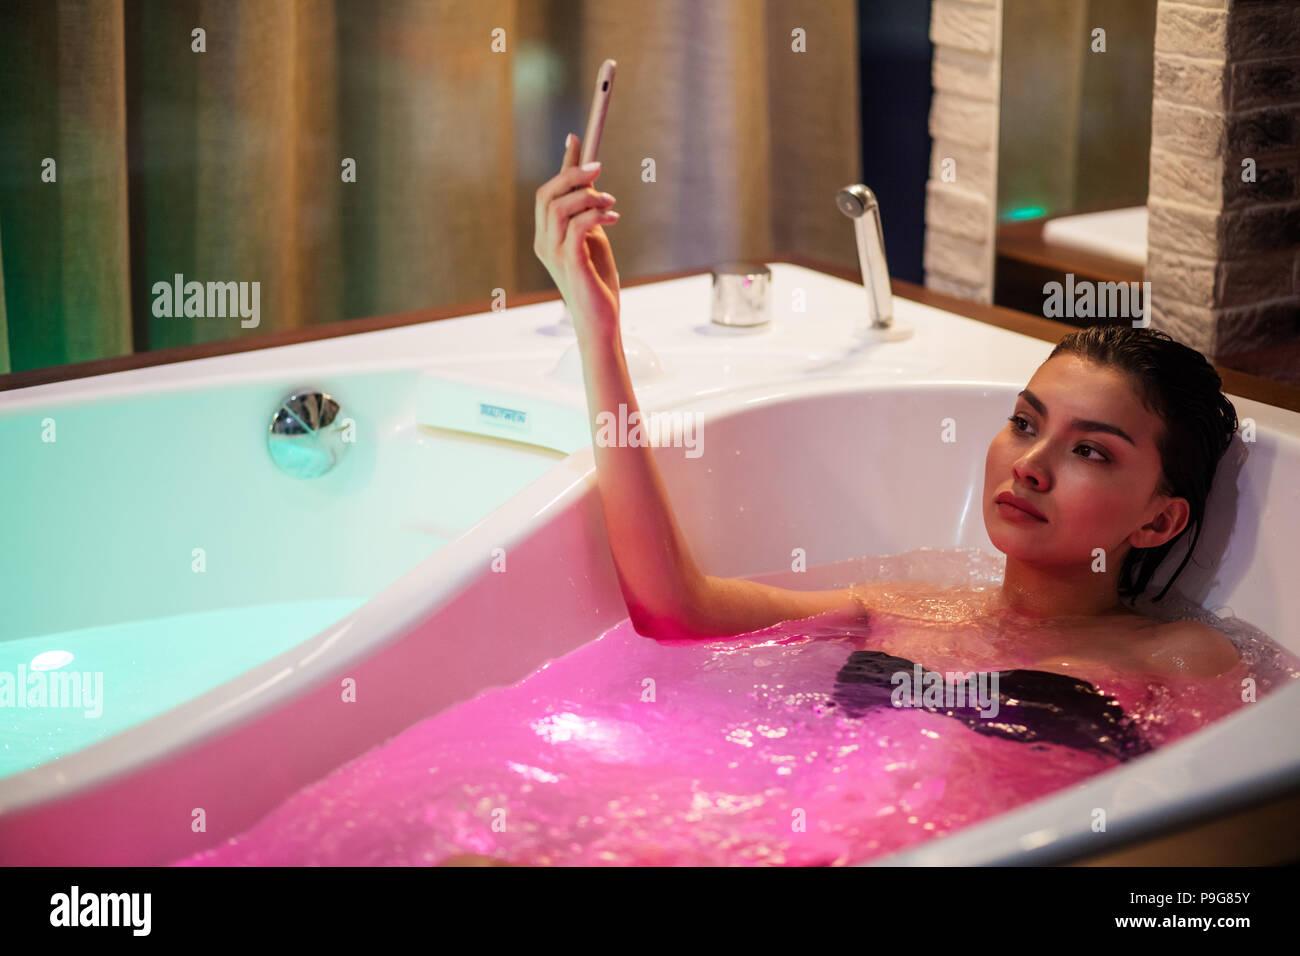 Frau in Badewanne mit Farbtherapie und unter Foto. Unter selfy im modernen Bad mit Licht Stockbild